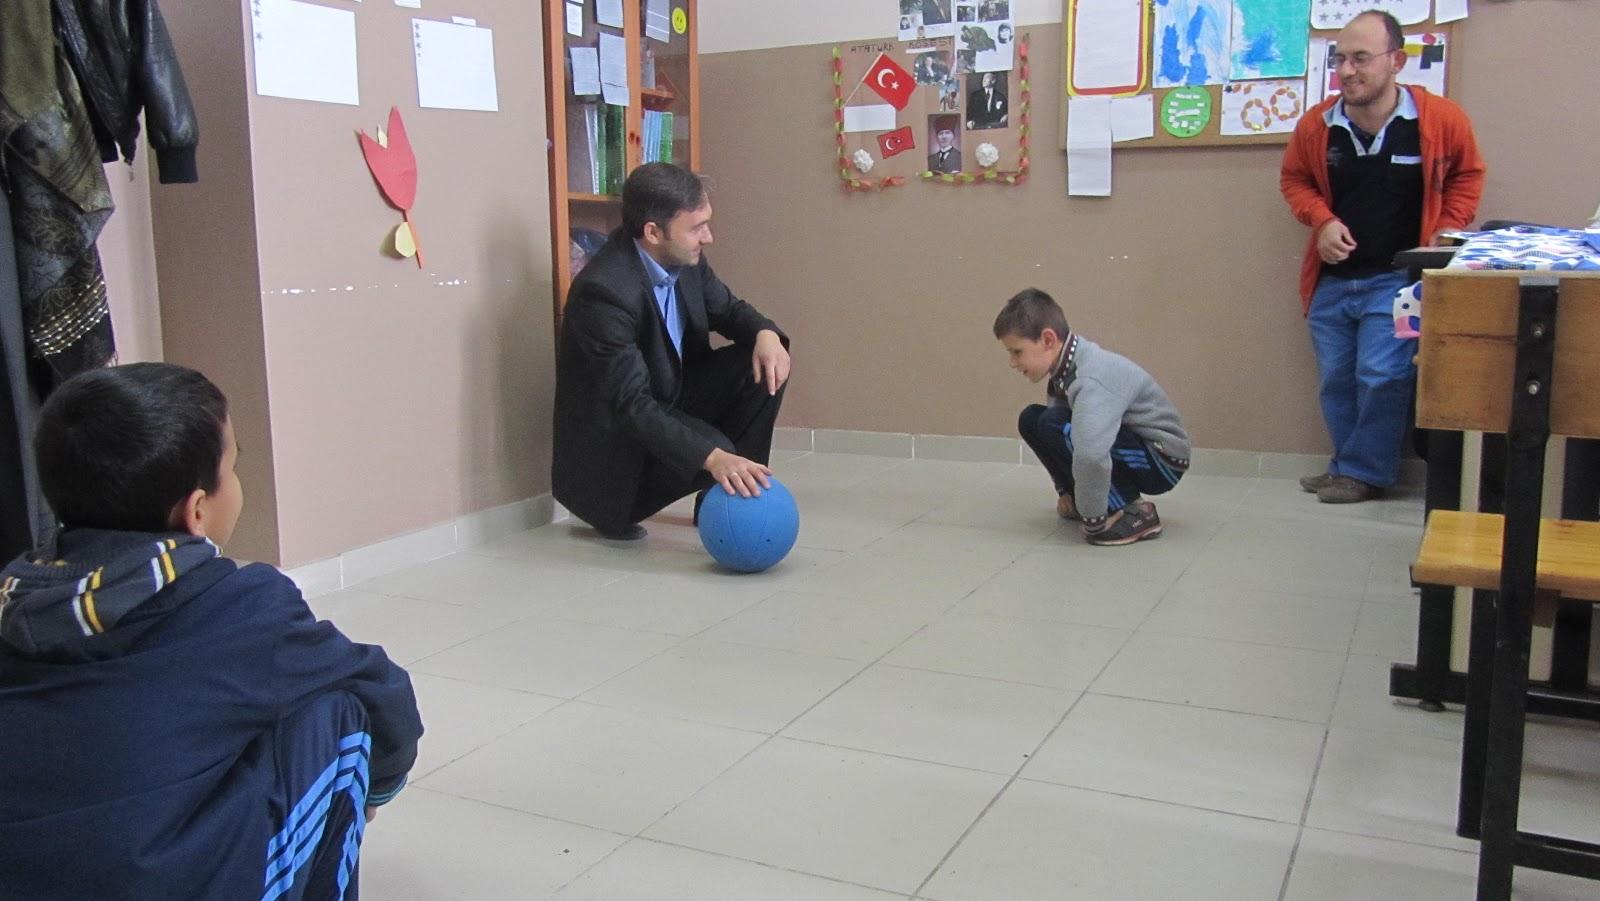 Görme engelli çocuklar için oyun hazırlama